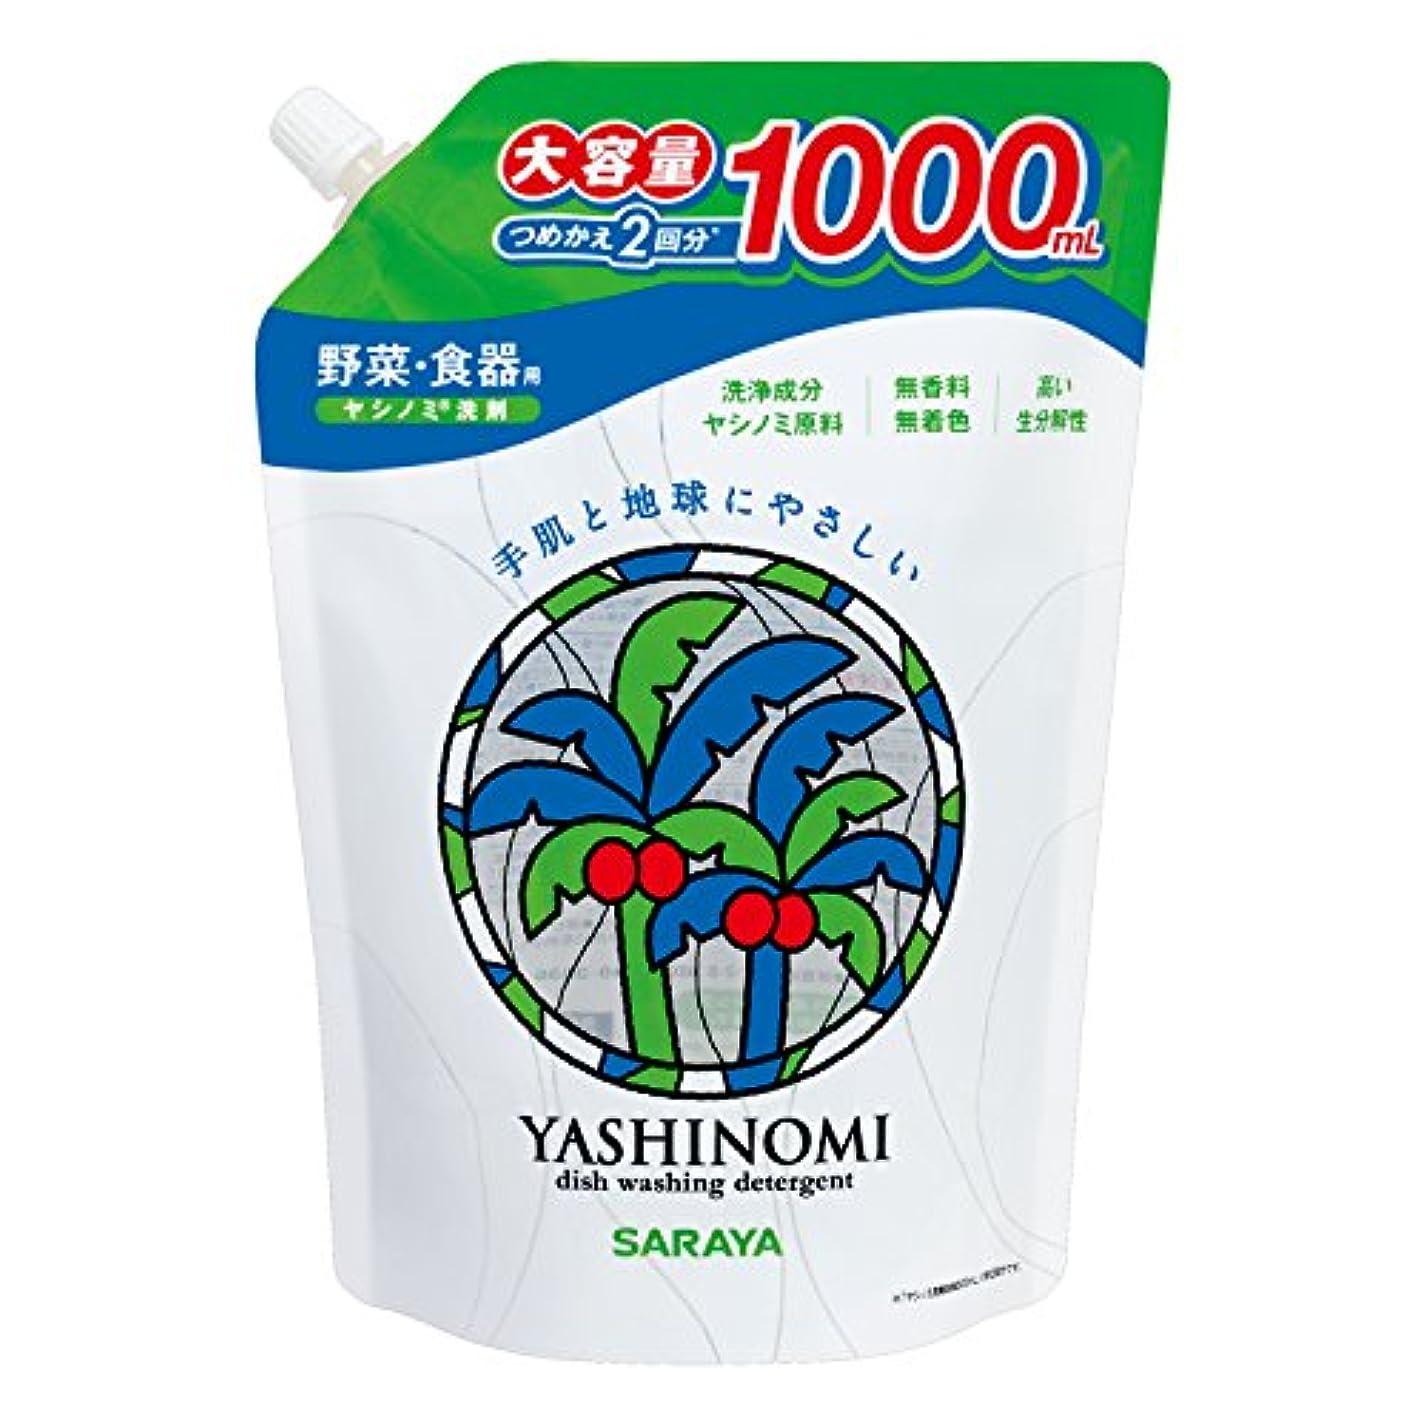 評決葉を集める詩人サラヤ ヤシノミ洗剤 スパウト詰替用 1000ml